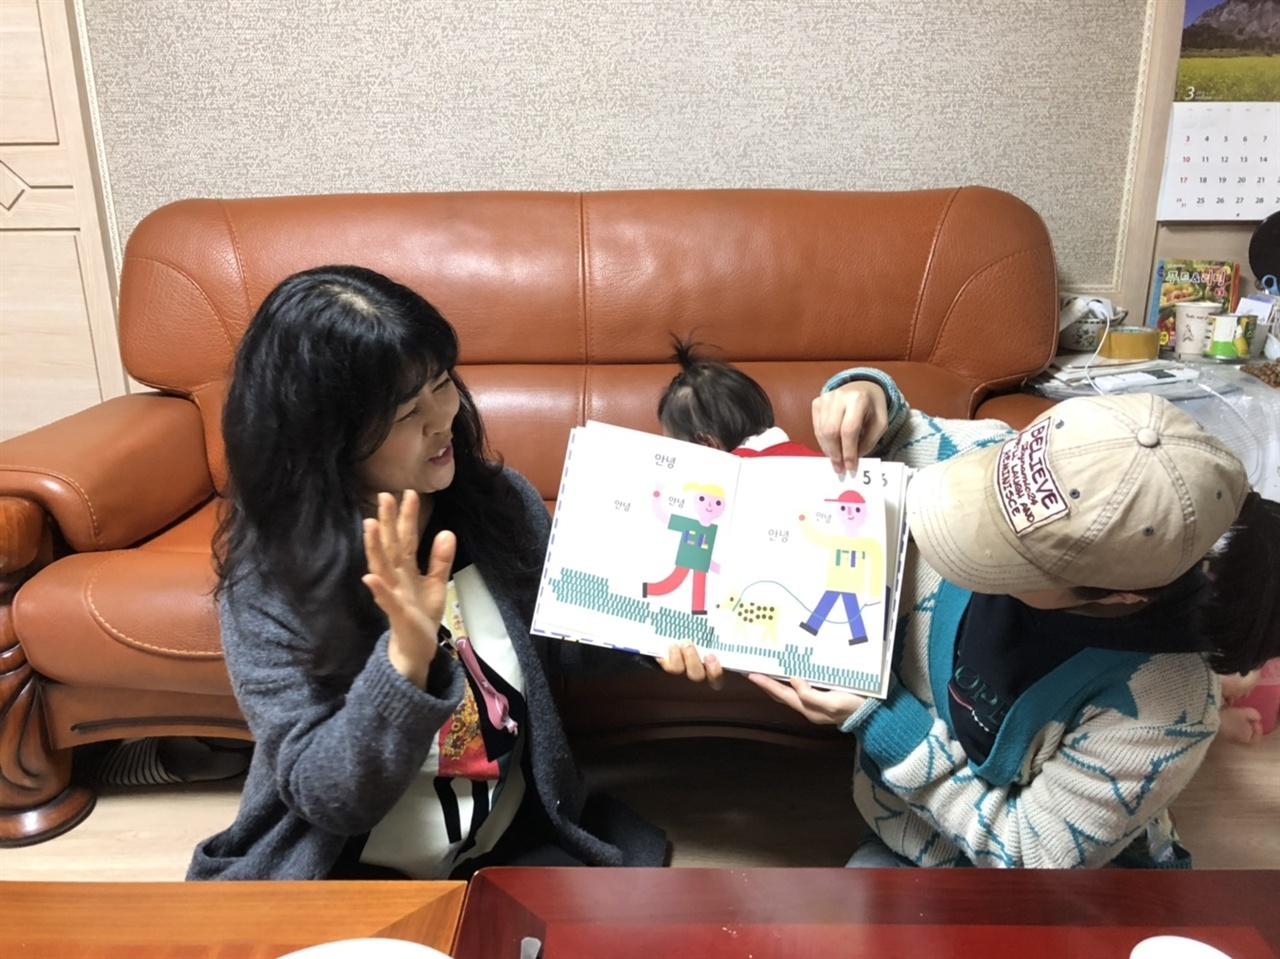 평화 그림책을 소리내어 읽고 있는 마을 사람들 평화 책을 빌려다가 더불어 읽는 마을 사람들. 평화 책을 소리내어 함께 읽어갈 때 이웃과 이웃 사이 벽이 사라집니다.